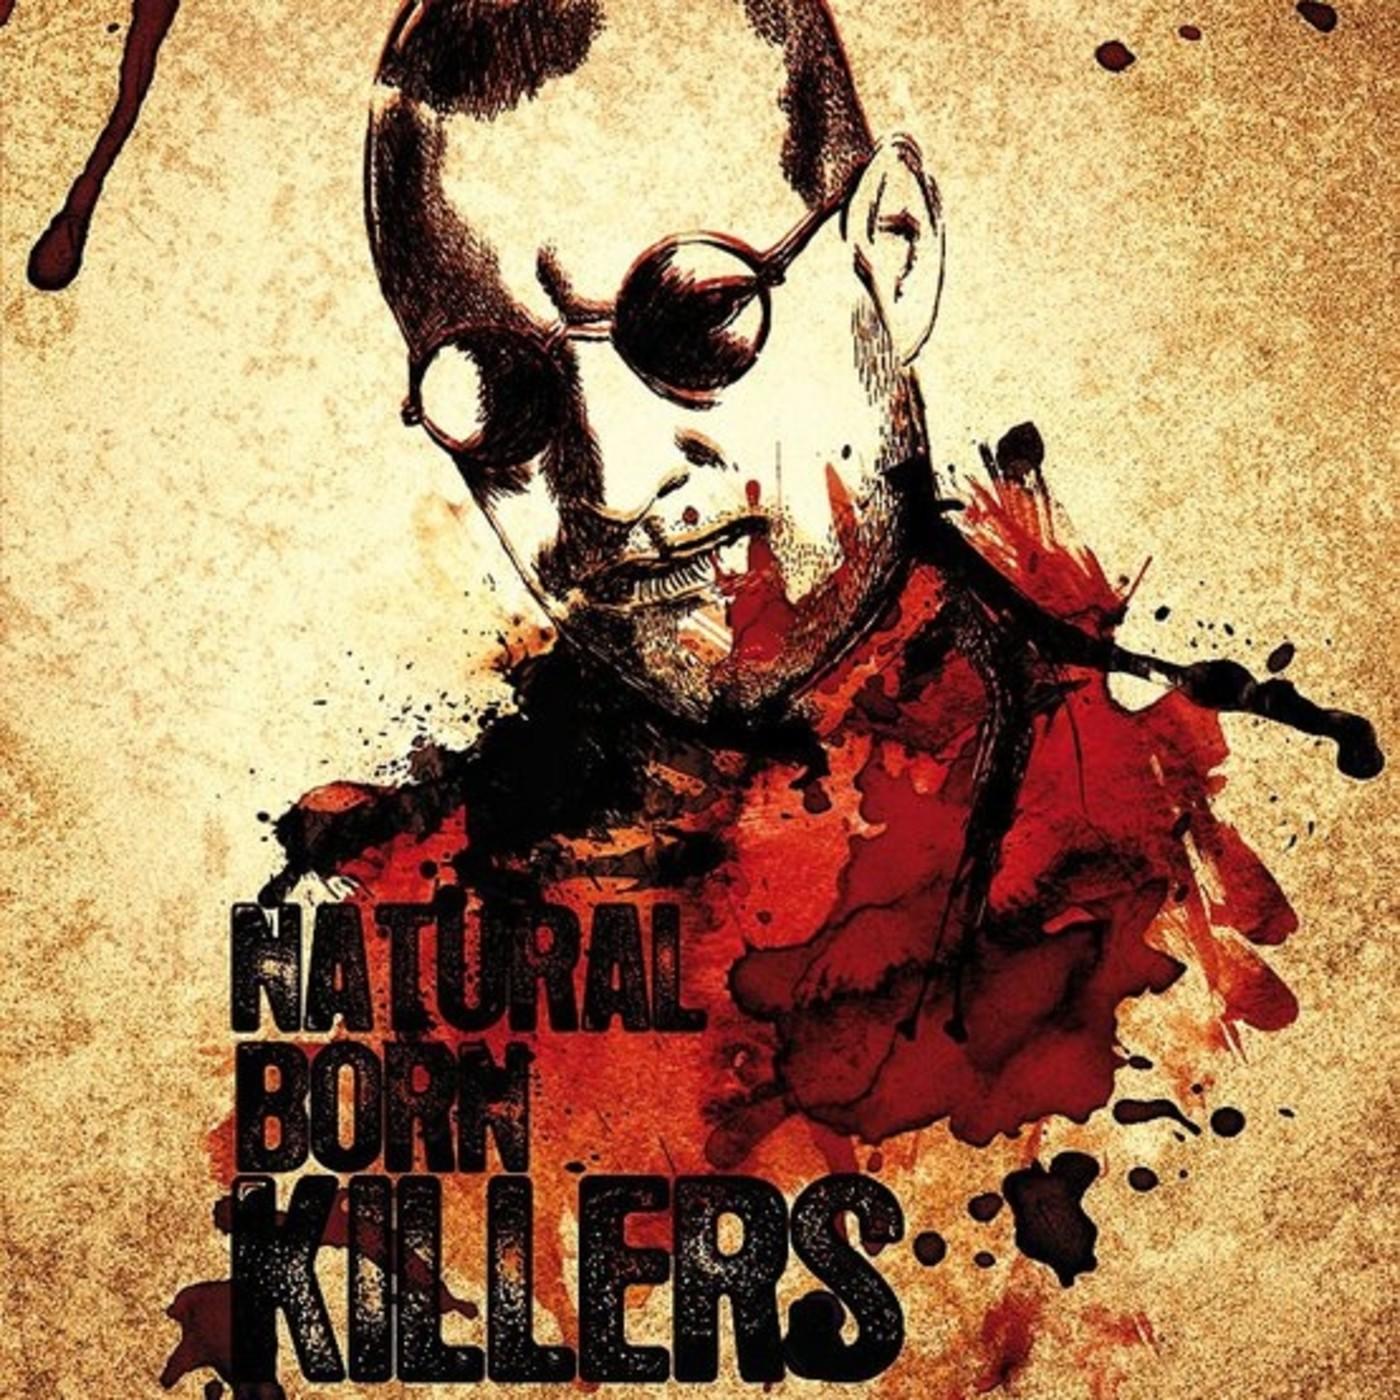 El libro de Tobias: 4.36 Asesinos natos